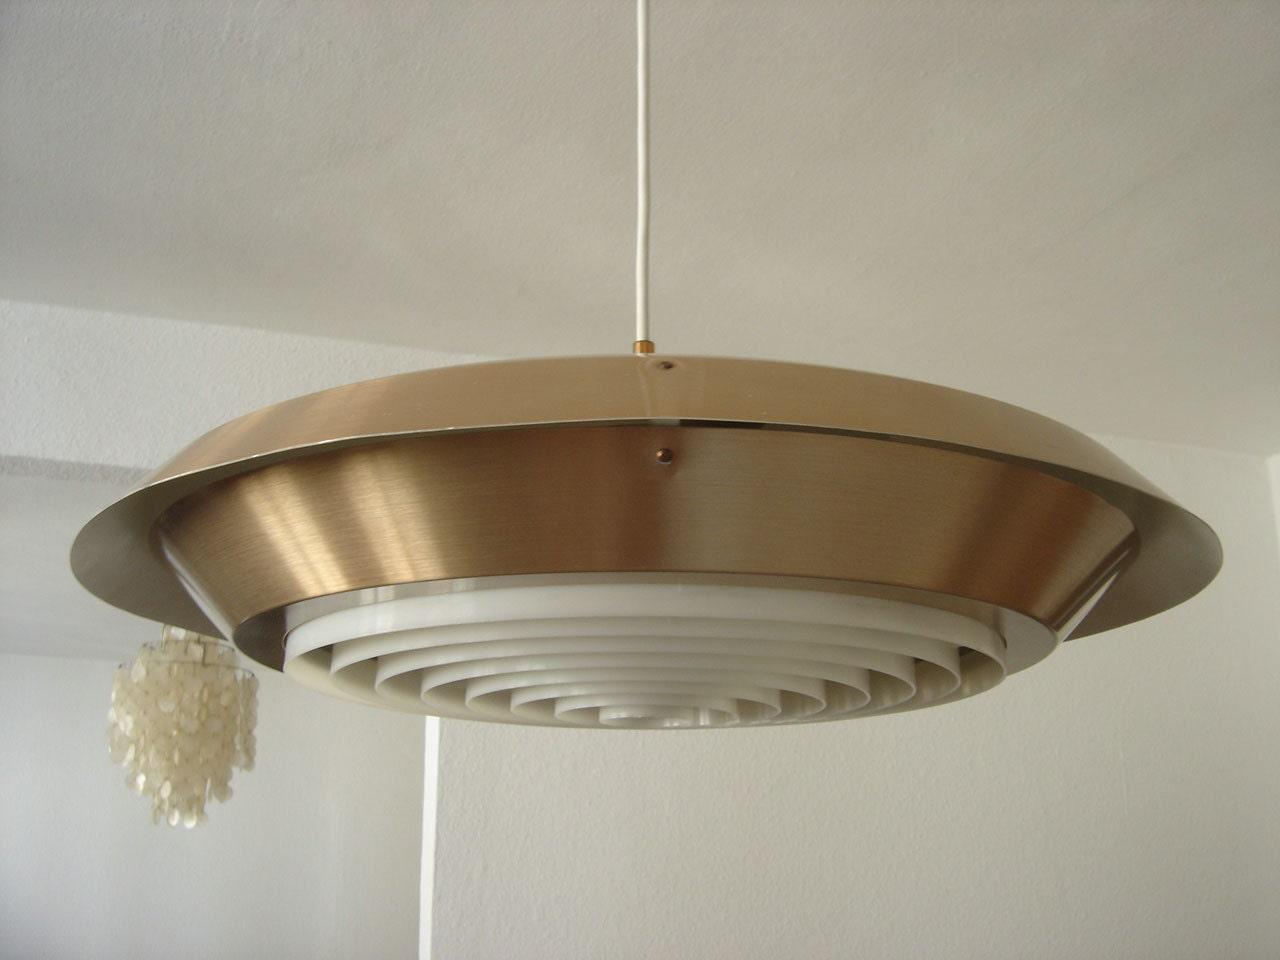 mid centruy modern lyfa pendelleuchte lampe h ngelampe. Black Bedroom Furniture Sets. Home Design Ideas